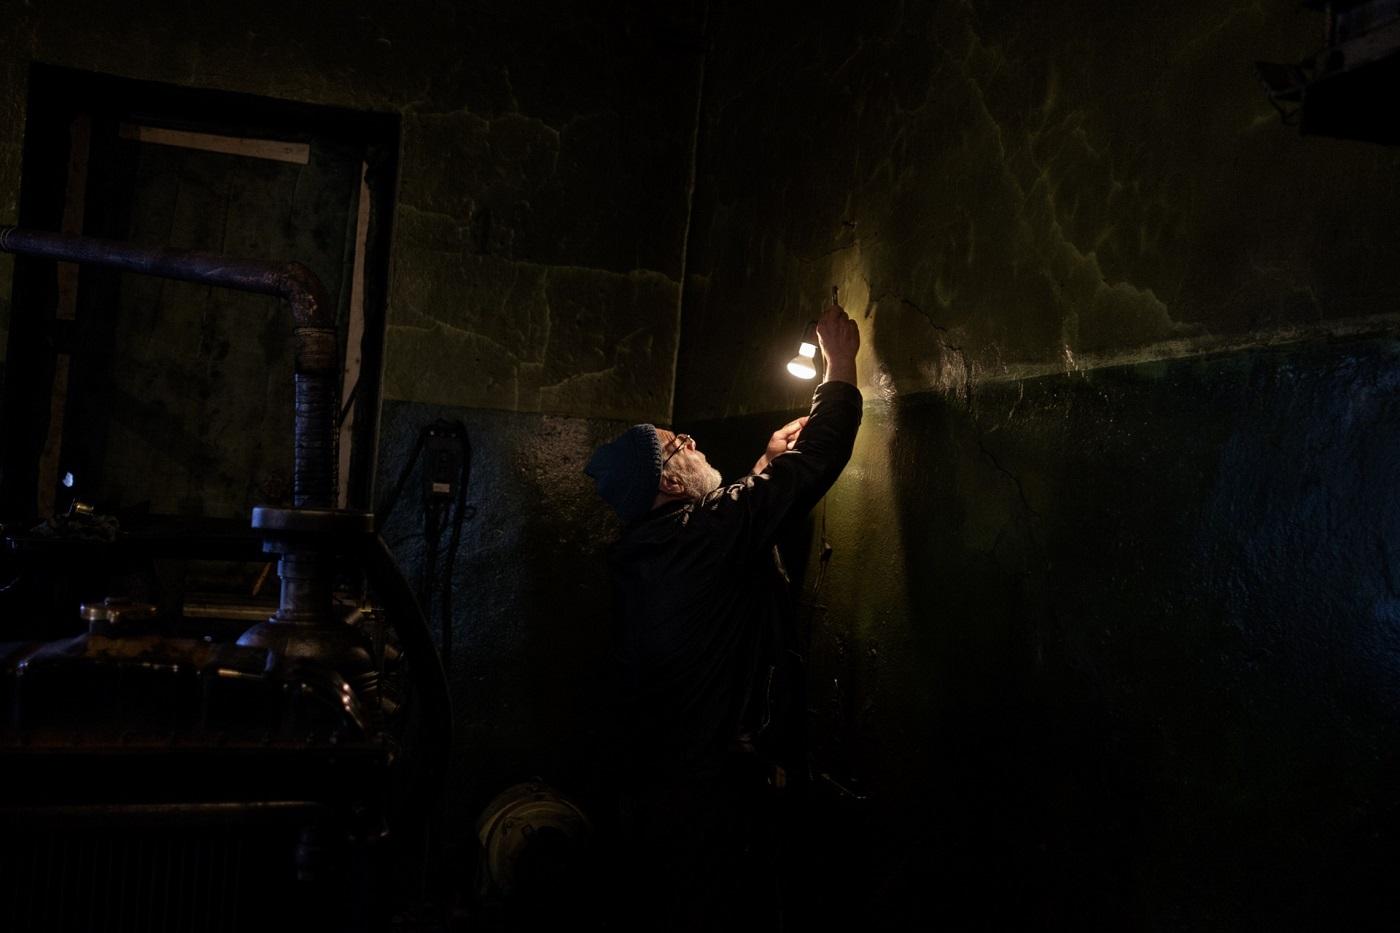 Nikolaj prüft die neue Glühbirne beim Dieselgenerator  – da leuchtet der Leuchtturm gleich heller!